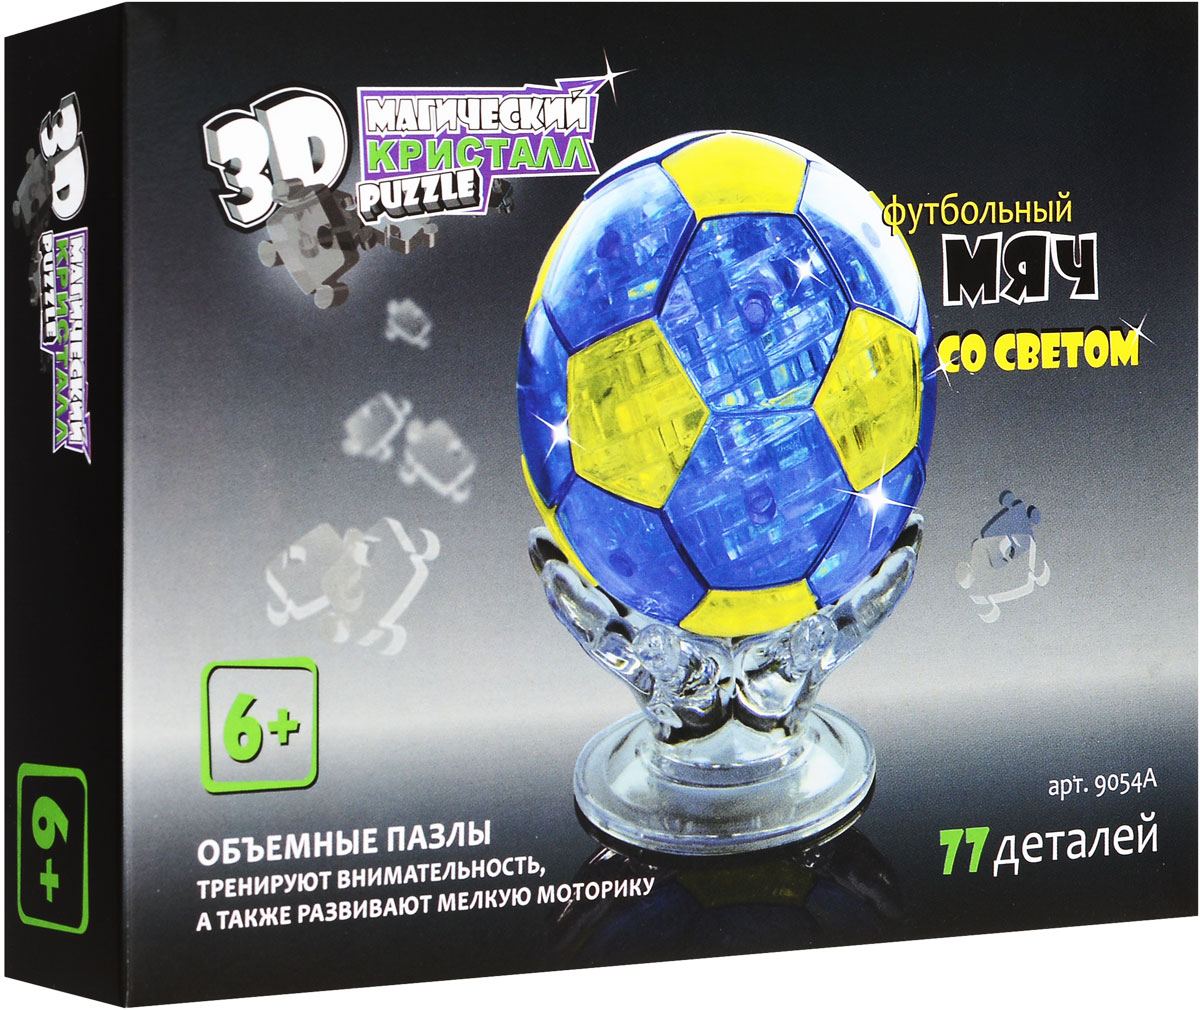 3D Puzzle Магический Кристалл 3D Пазл Футбольный мяч с подсветкой цвет желтый